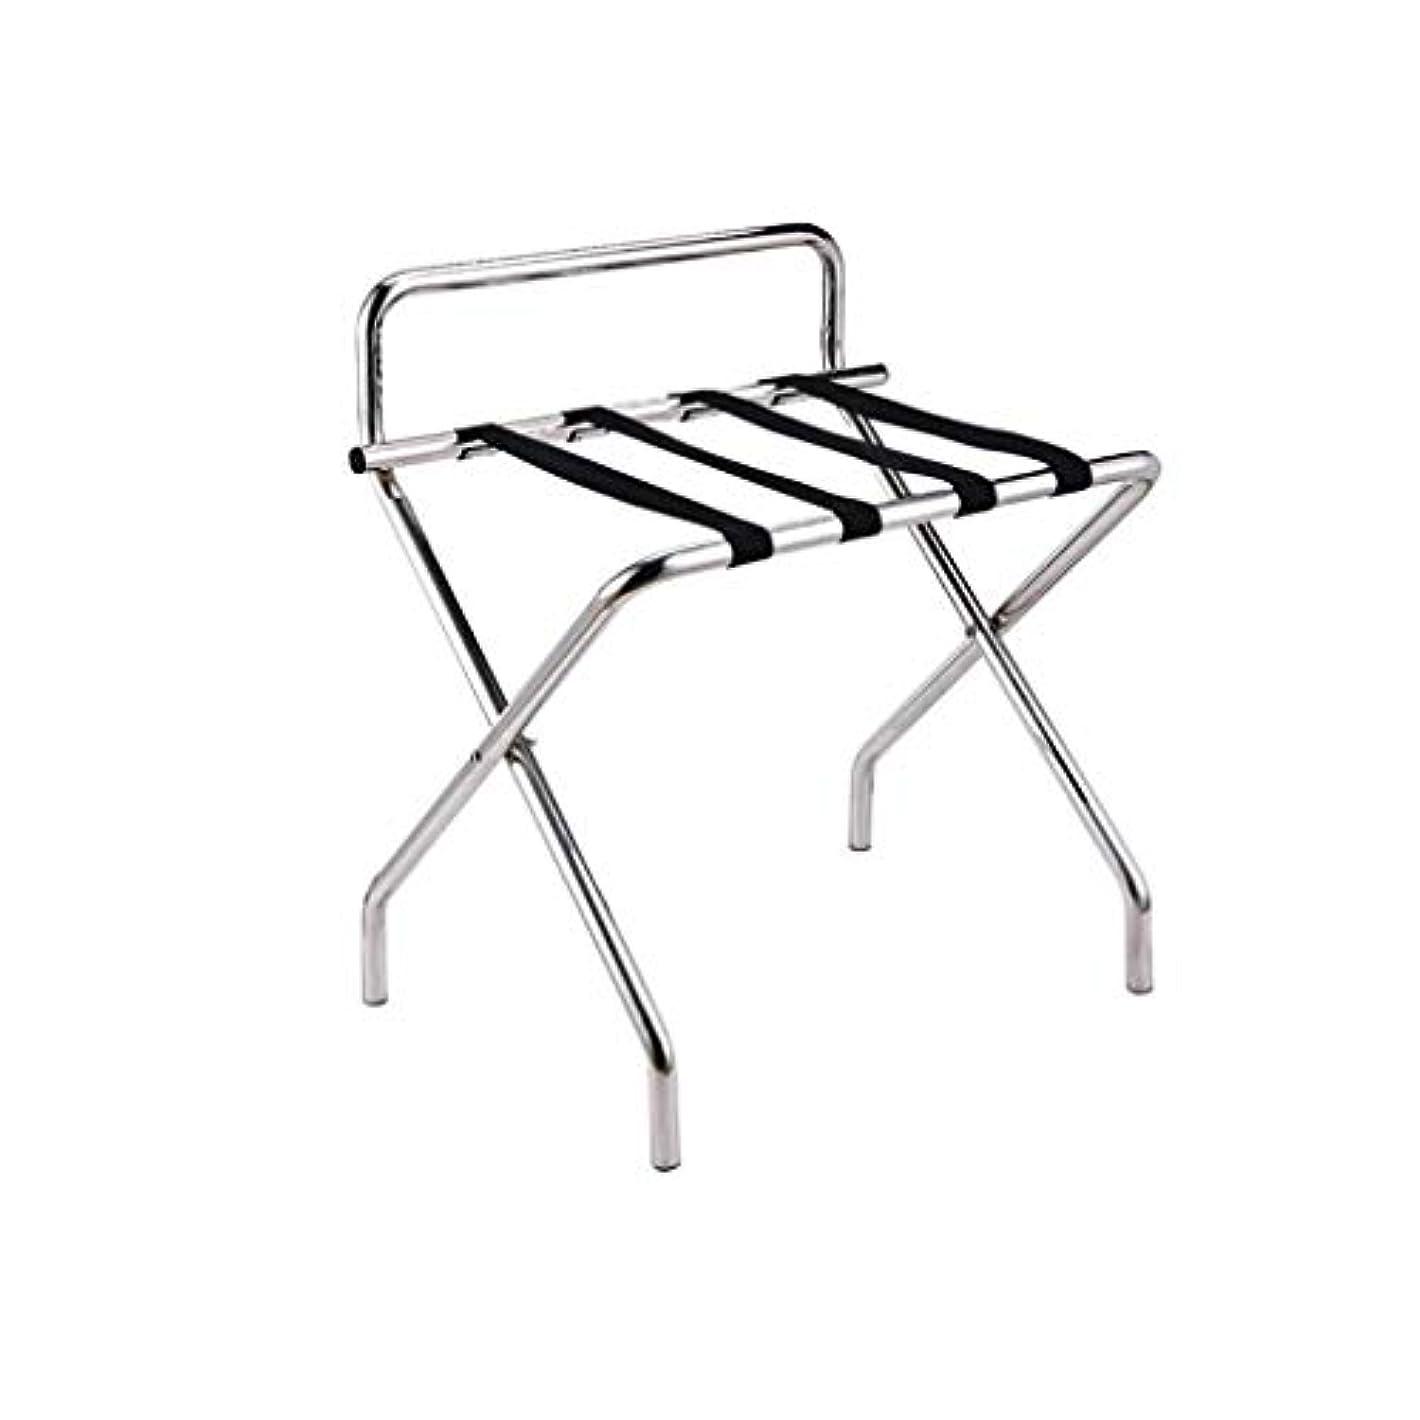 バトルジュースぜいたくステンレス鋼釣り椅子折りたたみ椅子ホームベンチ折りたたみポータブル釣り椅子ライト多機能野生釣りスツール釣りシート (色 : シルバー しるば゜)